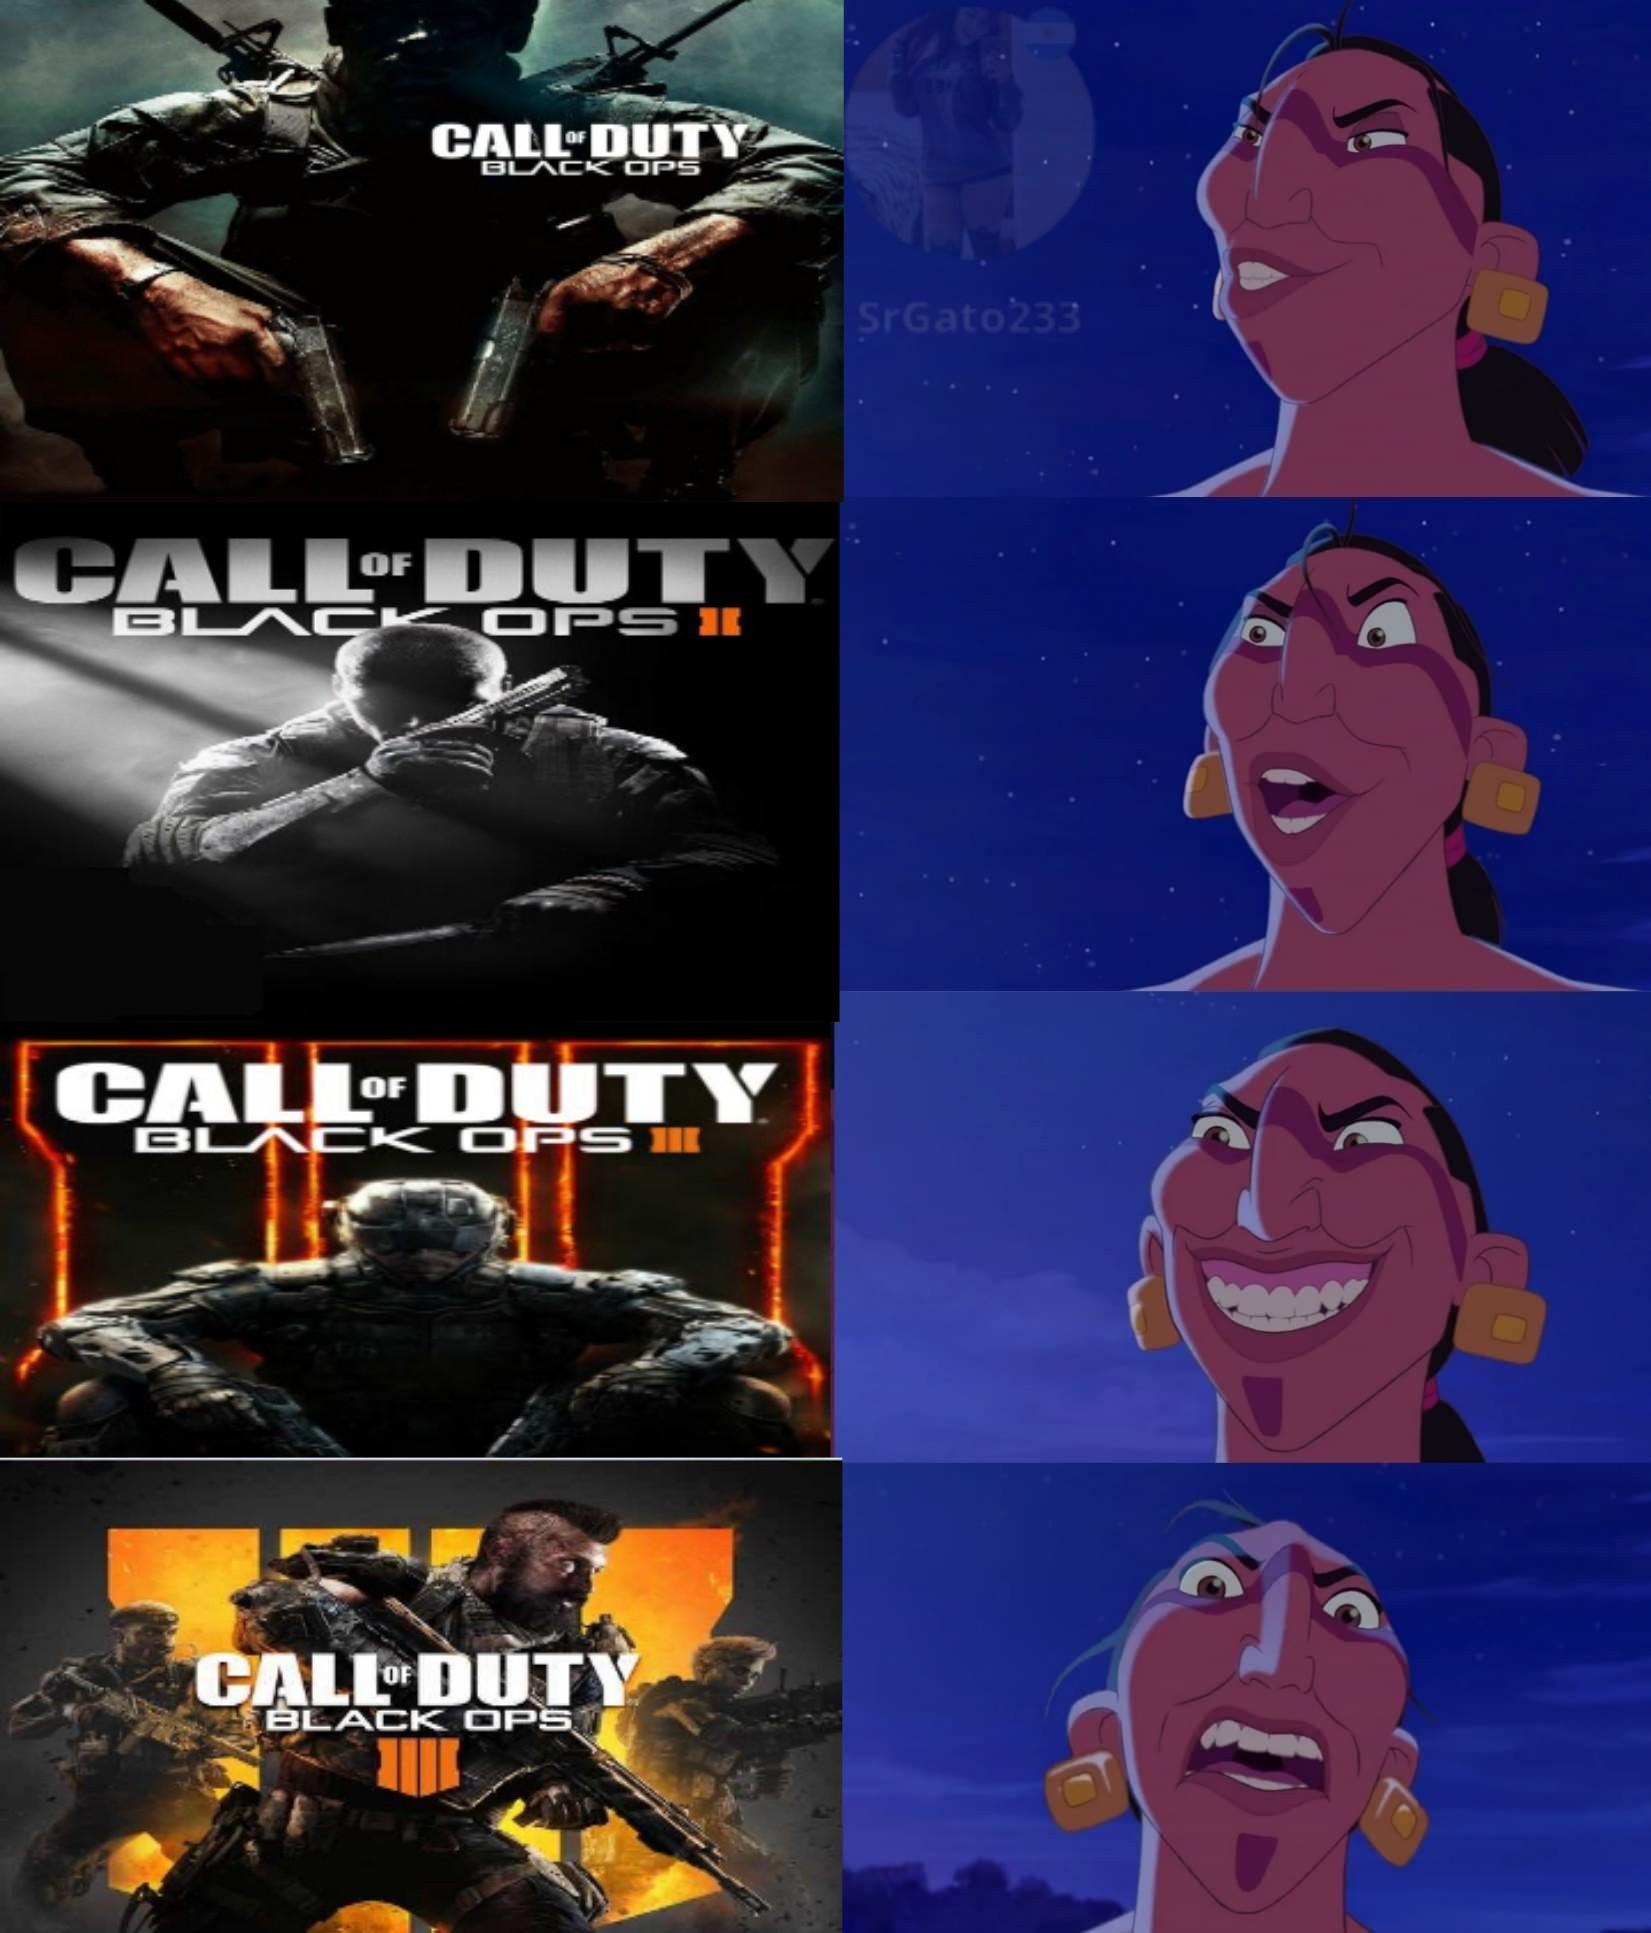 Asies Señores, CoD Black Ops IV es Kk - meme